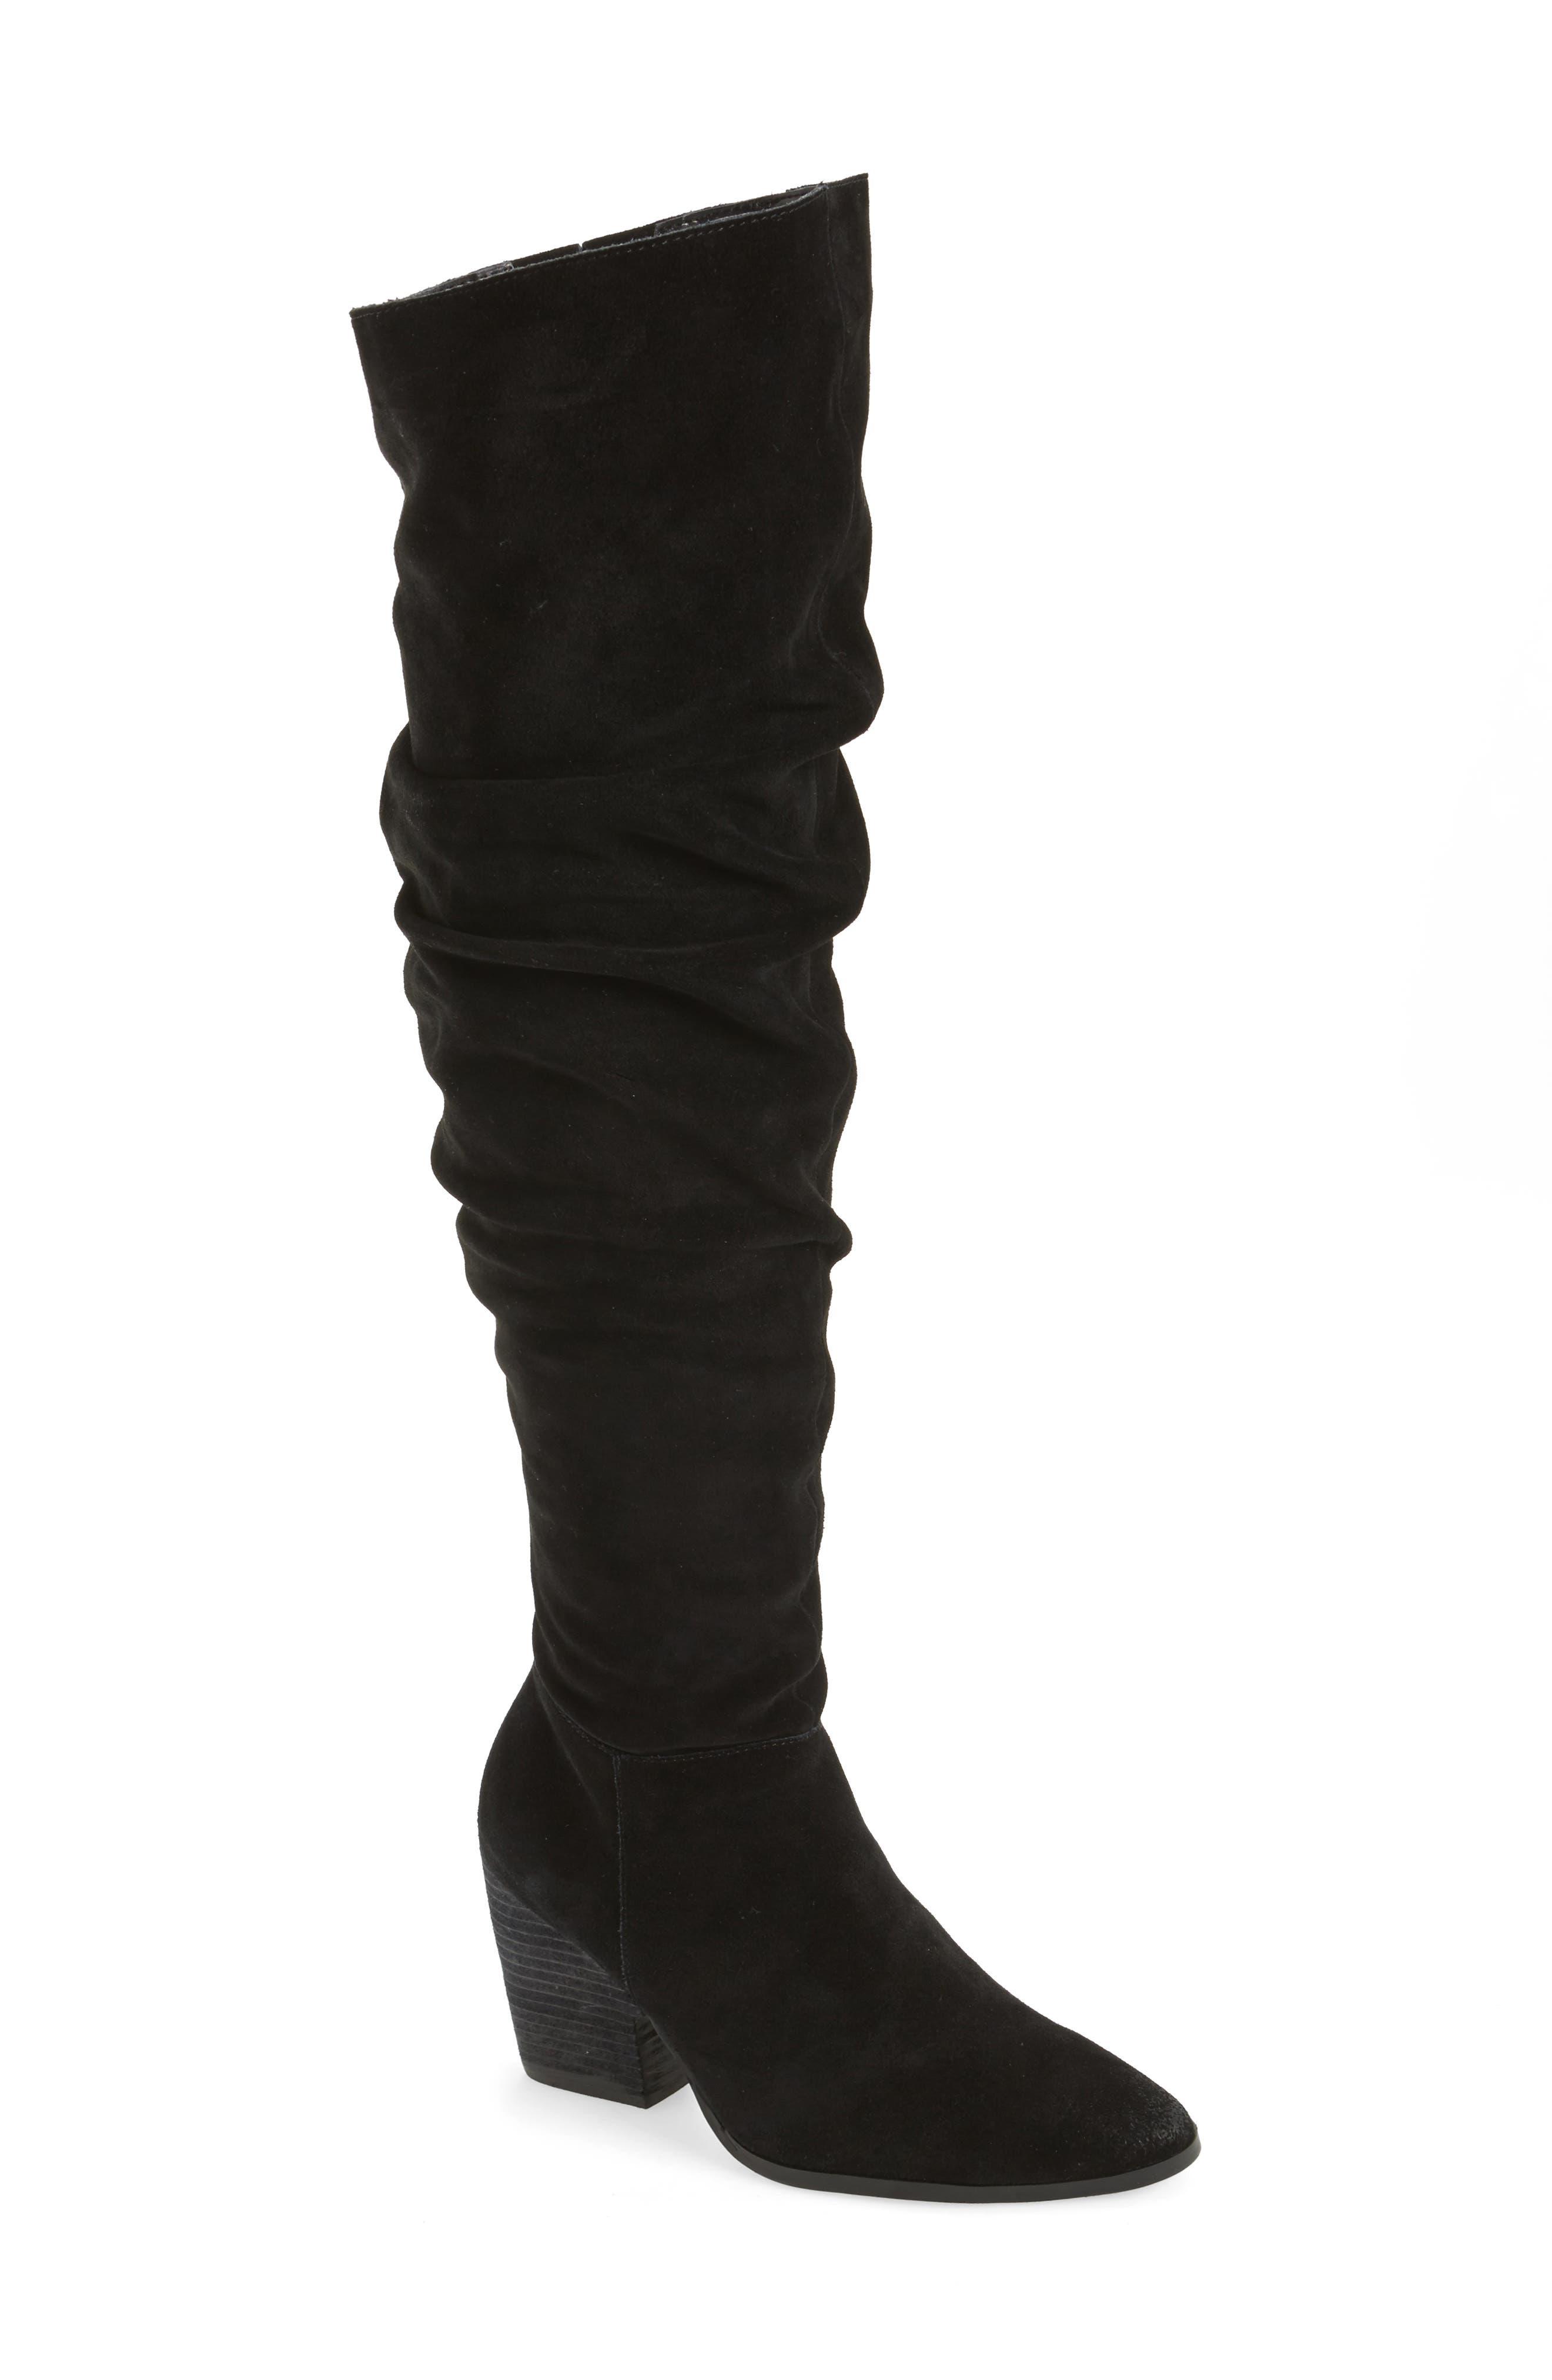 charles david boots